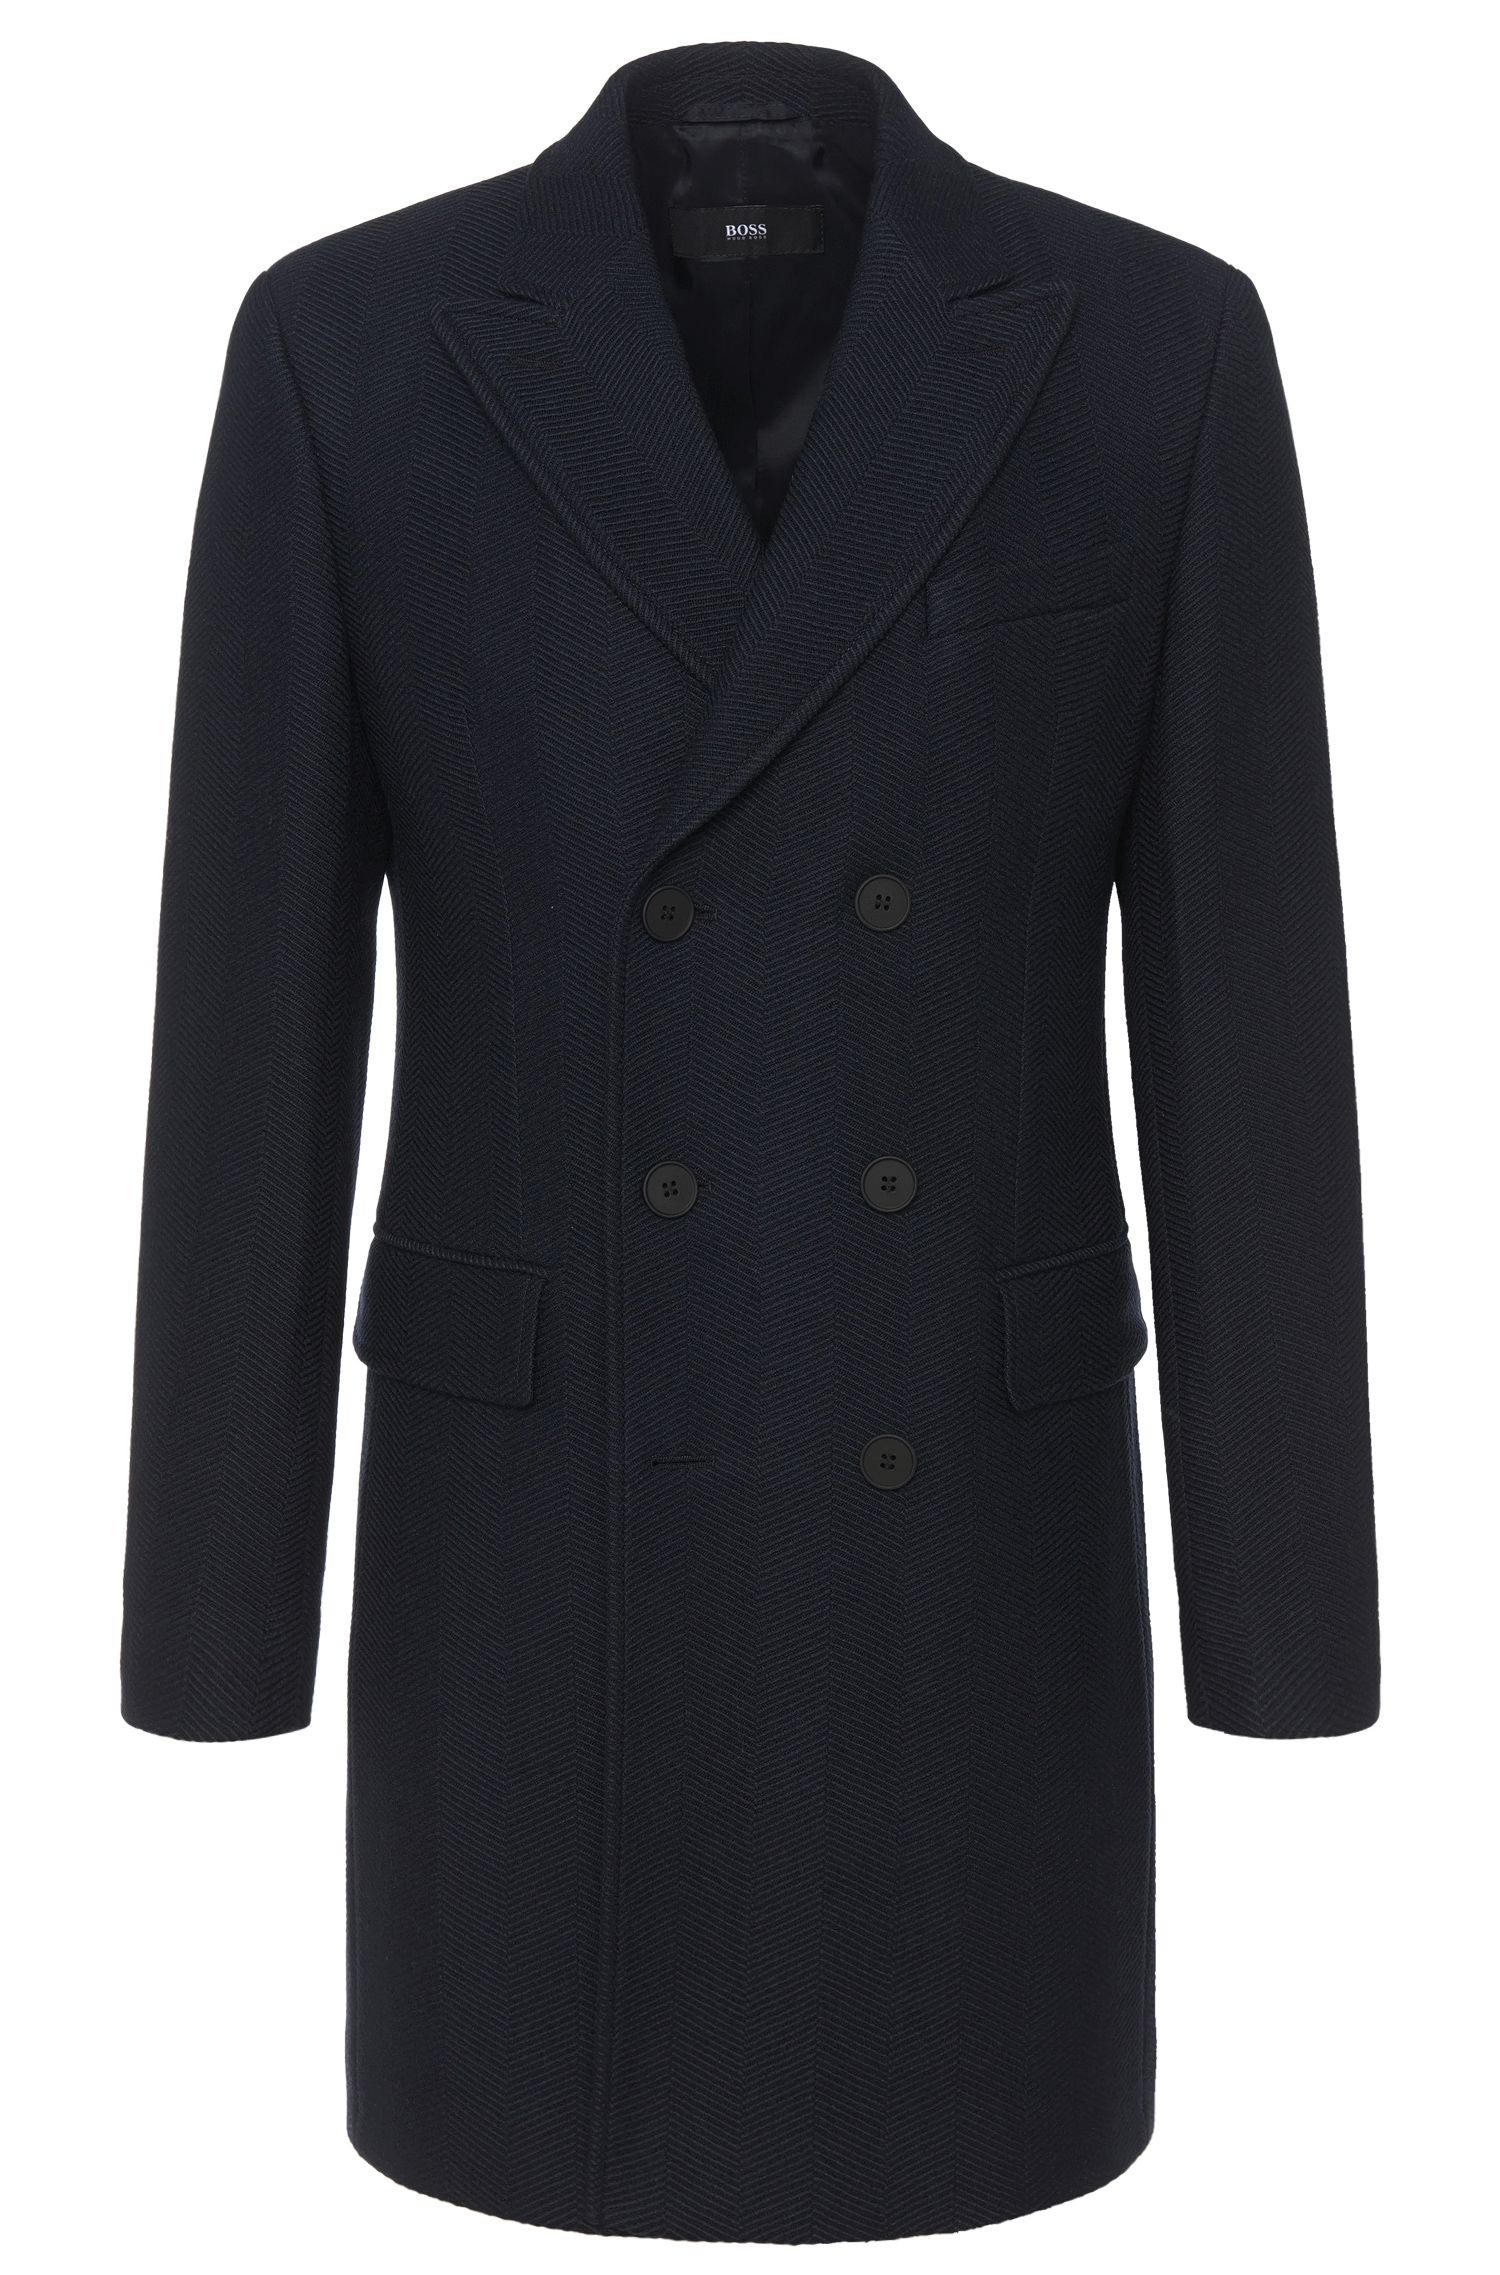 'Darvin' | Virgin Wool Herringbone Weave Pea Coat